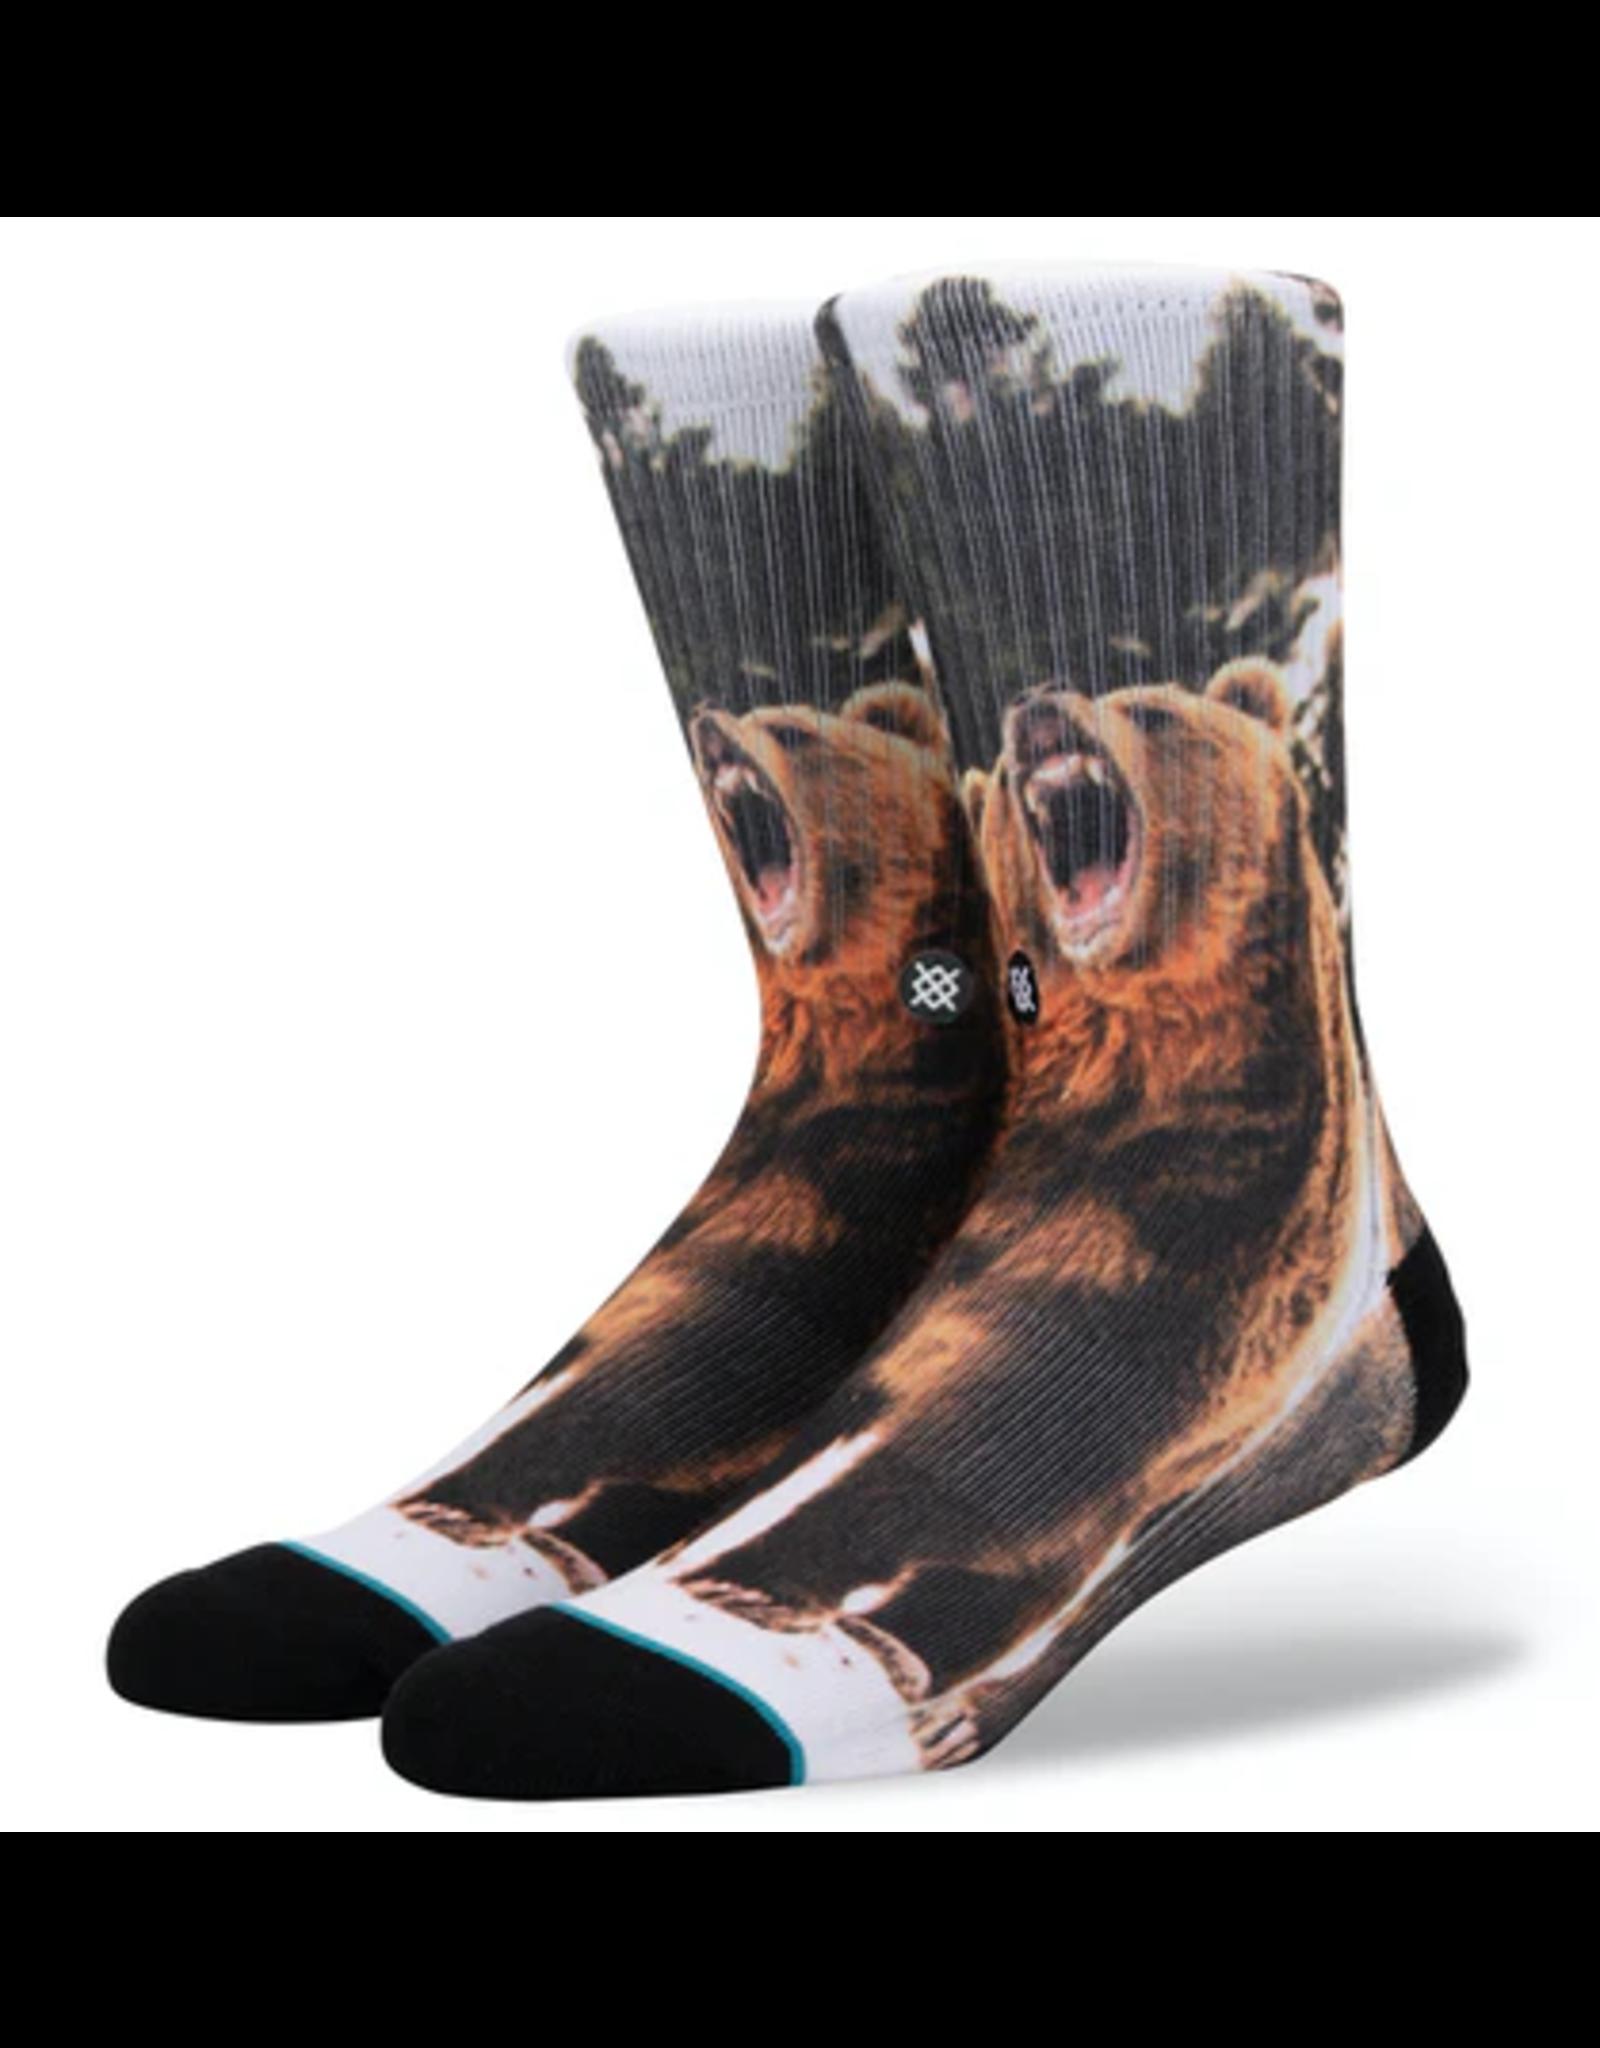 Stance Leos Socks - Multi